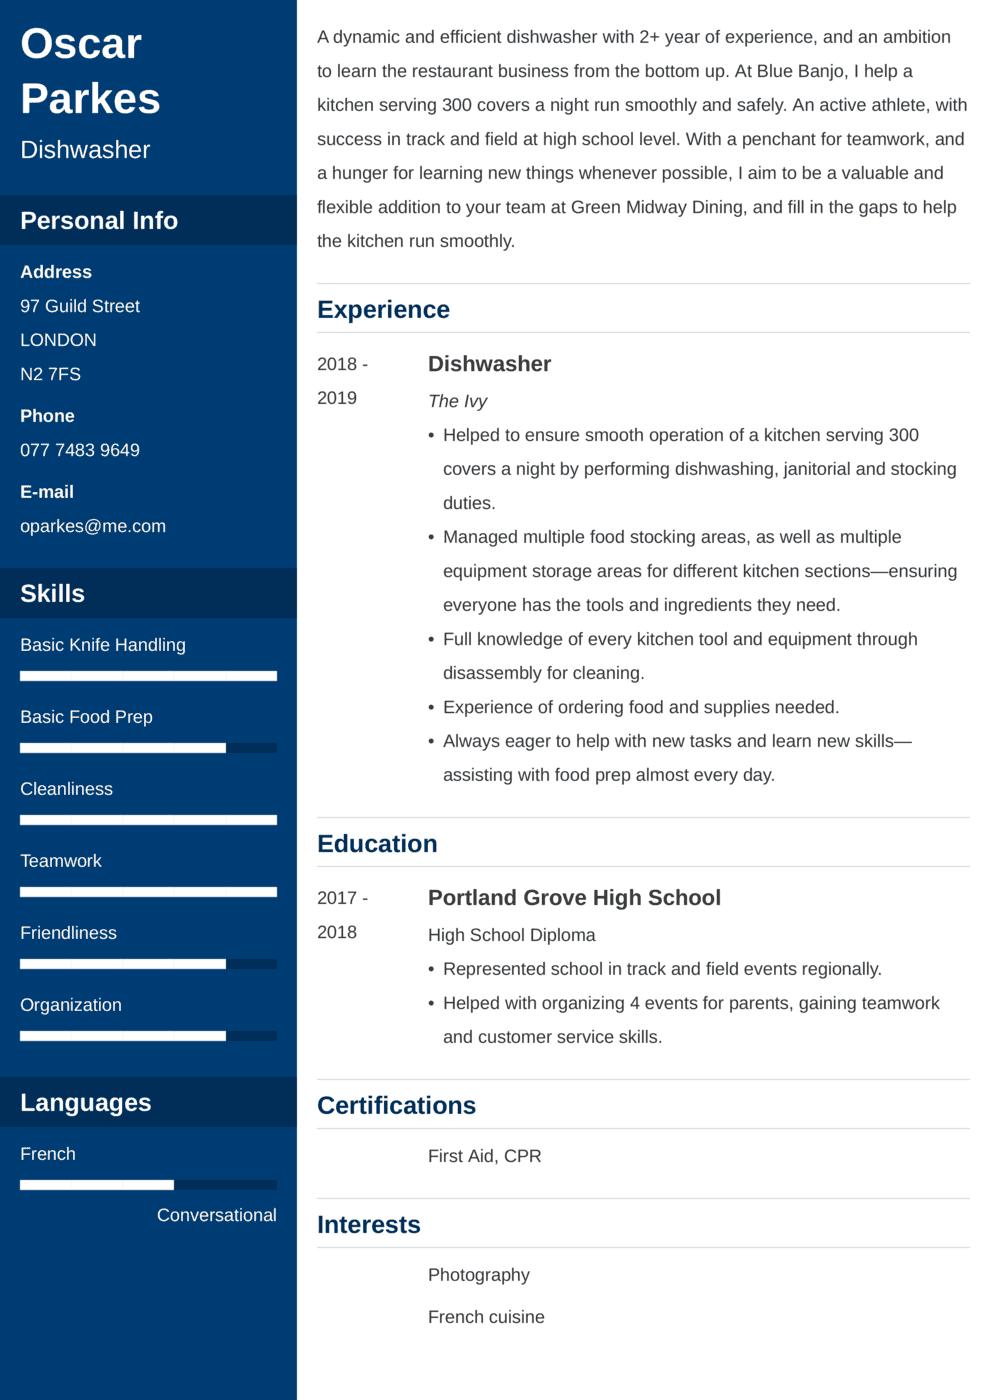 Dishwasher CV Example